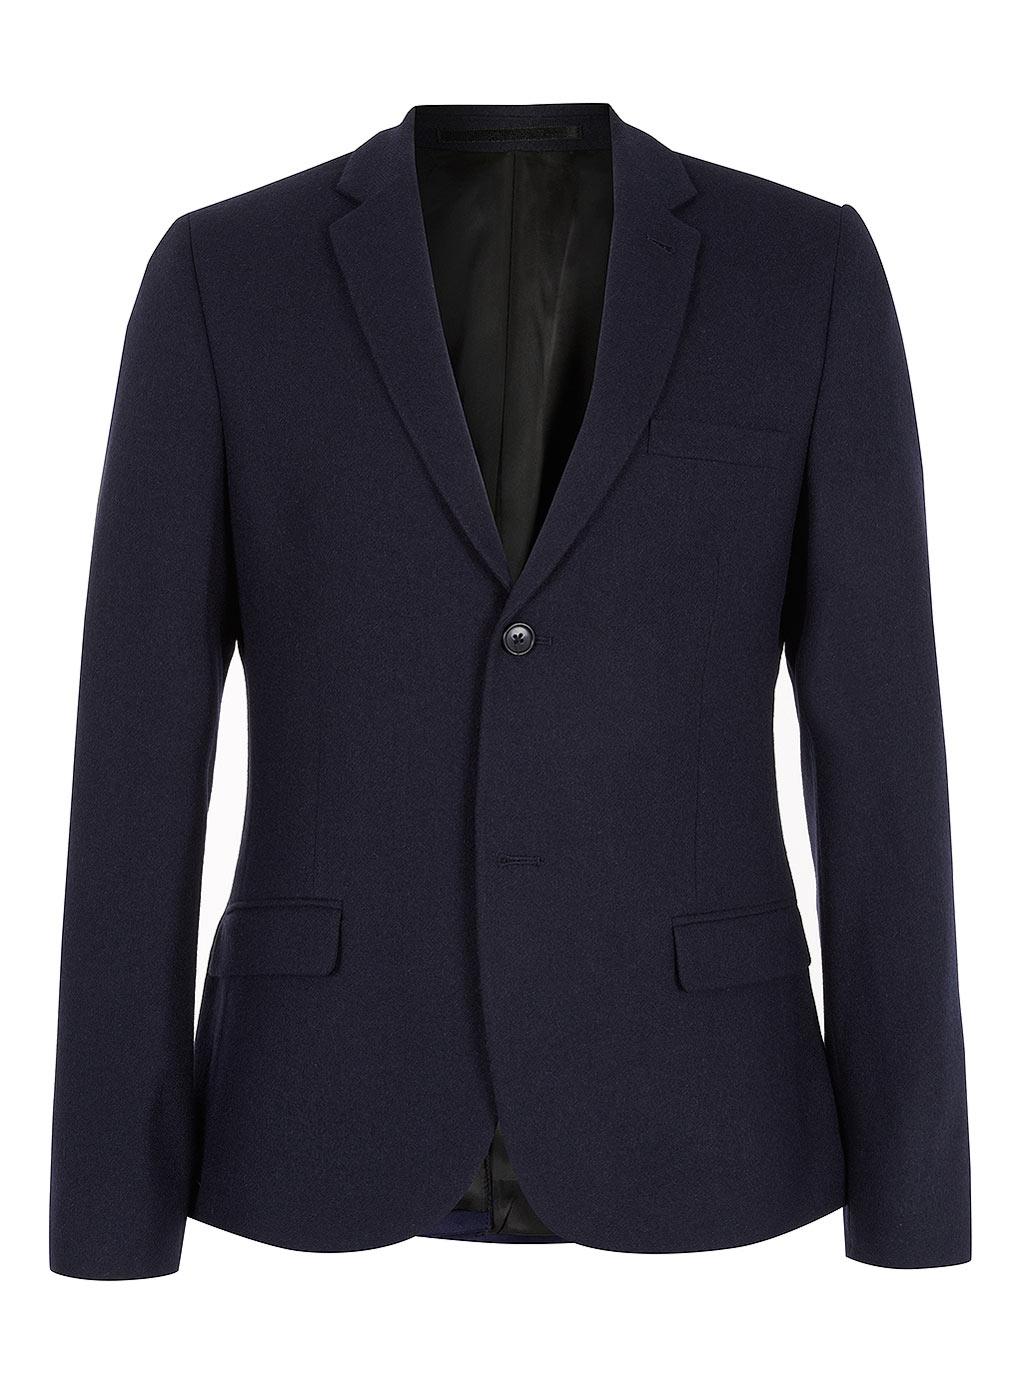 Blazers For Men Pinterest: Topman Navy Flannel Skinny Blazer In Blue For Men